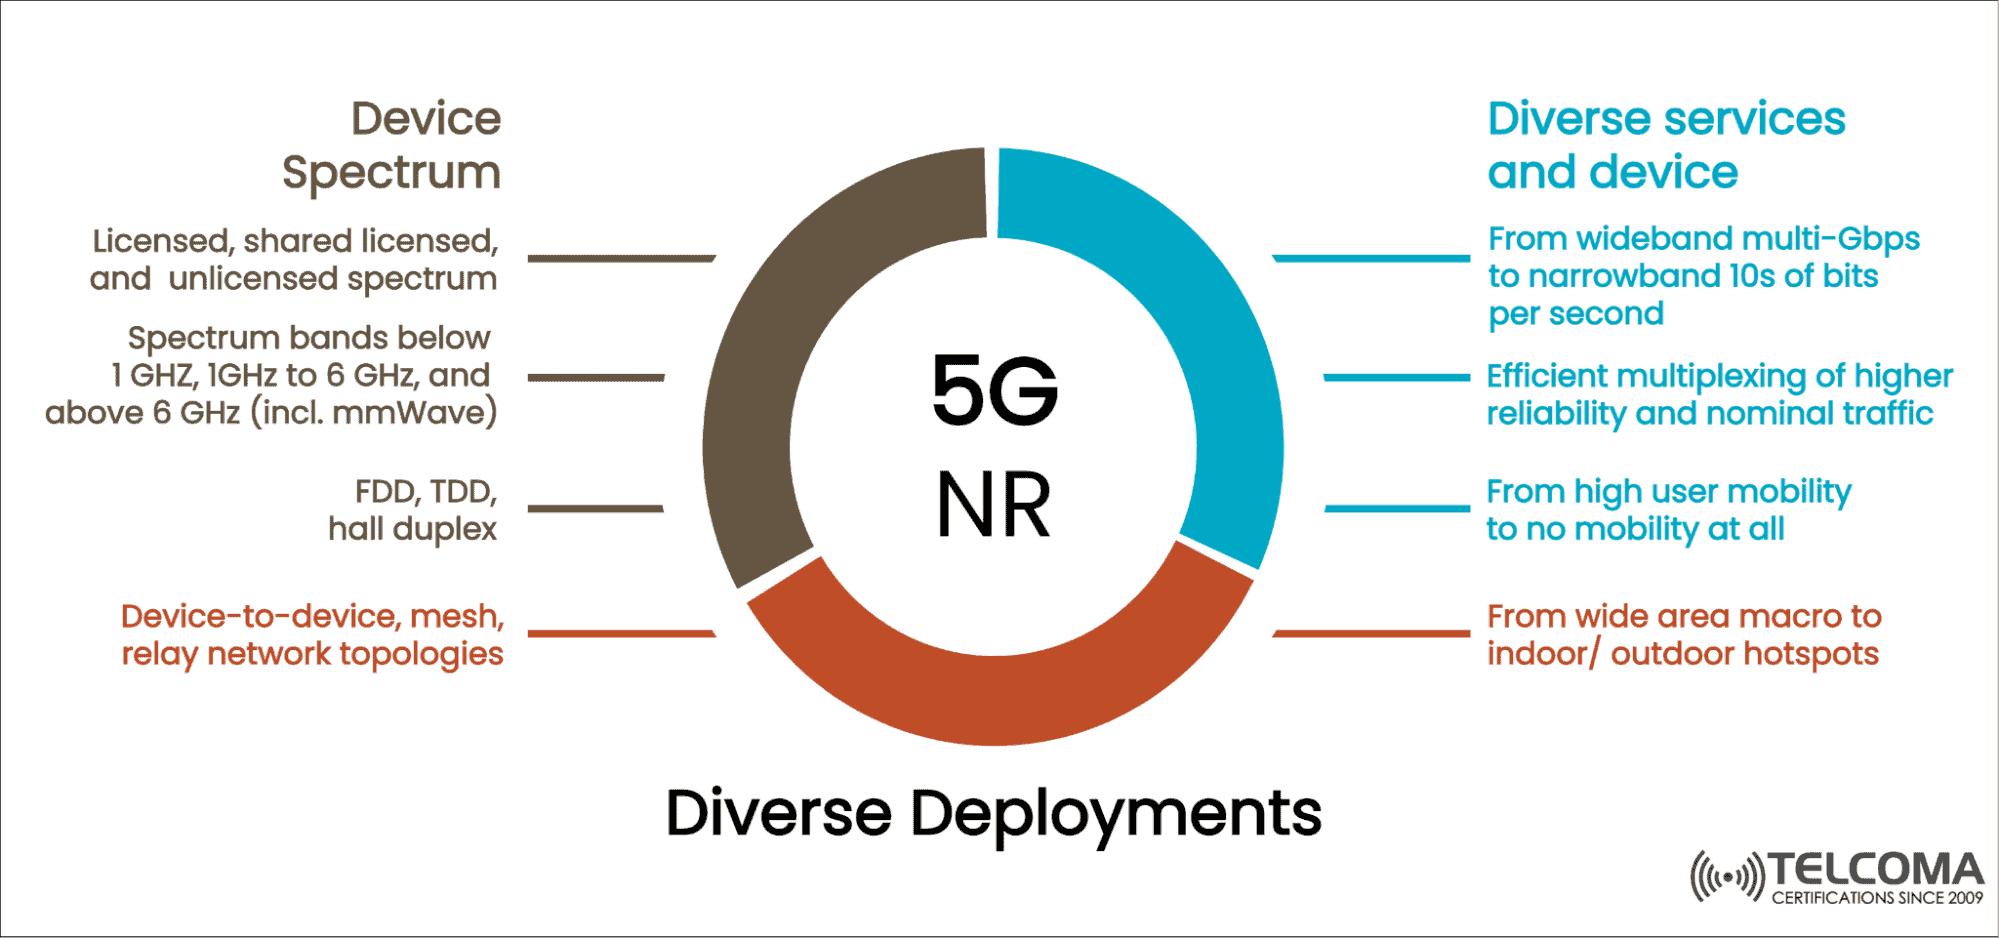 5g nr deployments